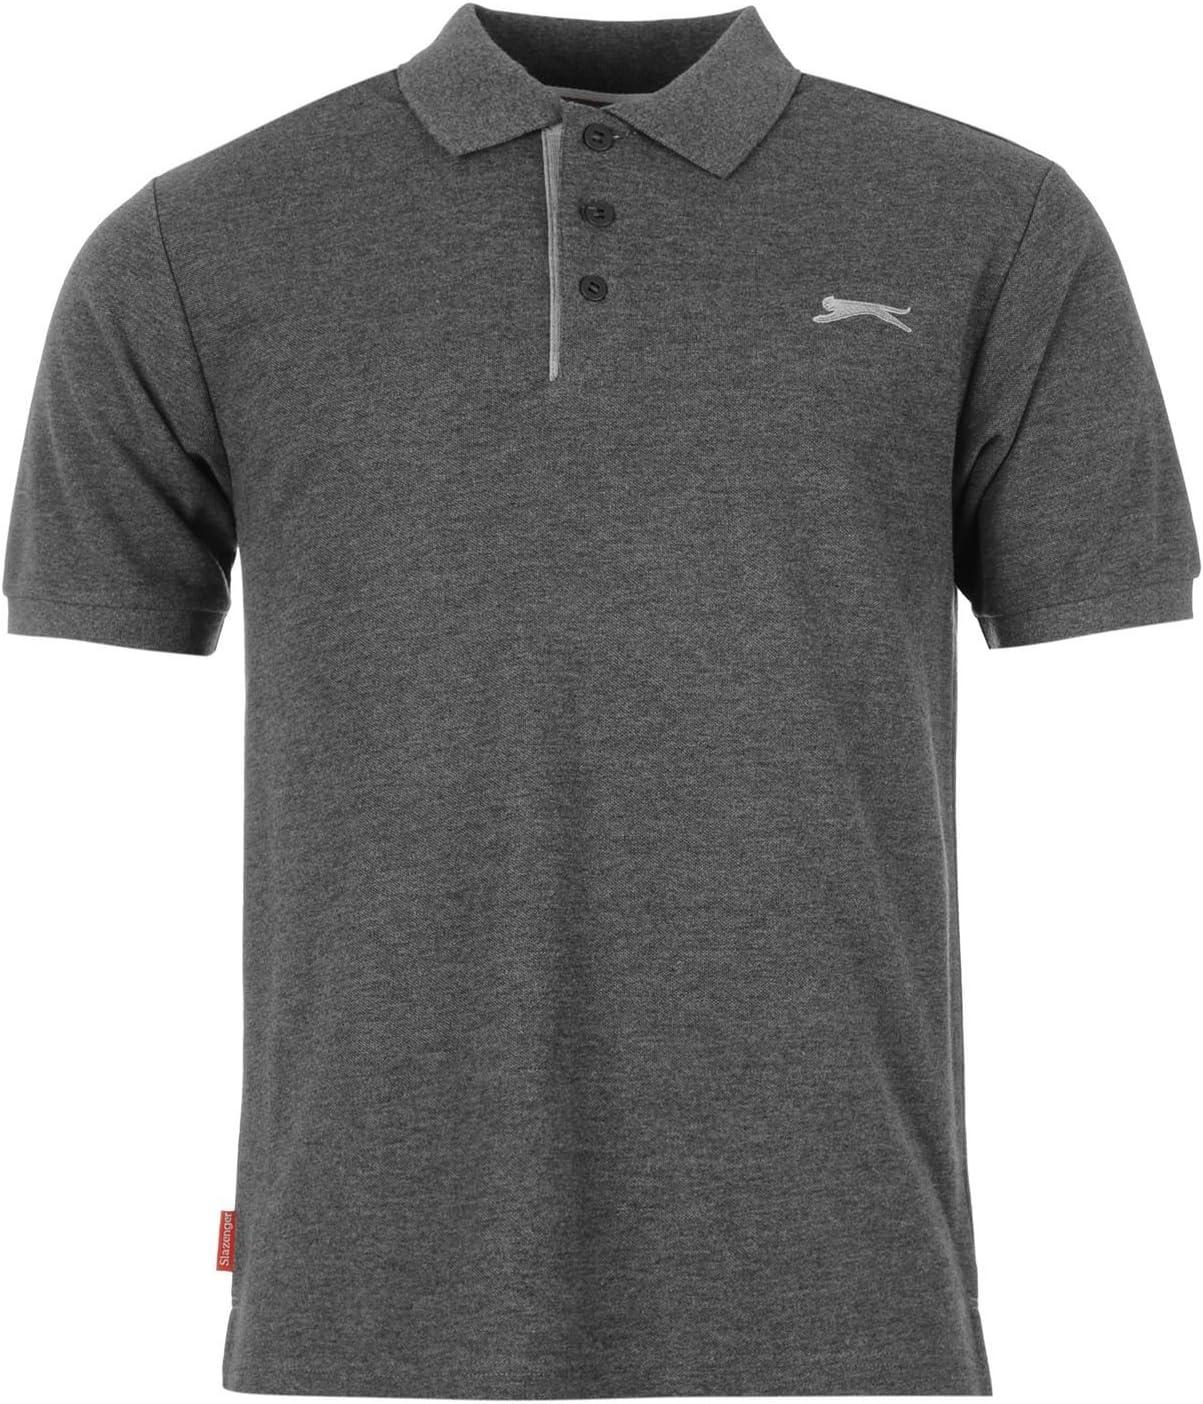 Camisa polo Slazenger para hombre, lisa, color carbón, gris oscuro ...